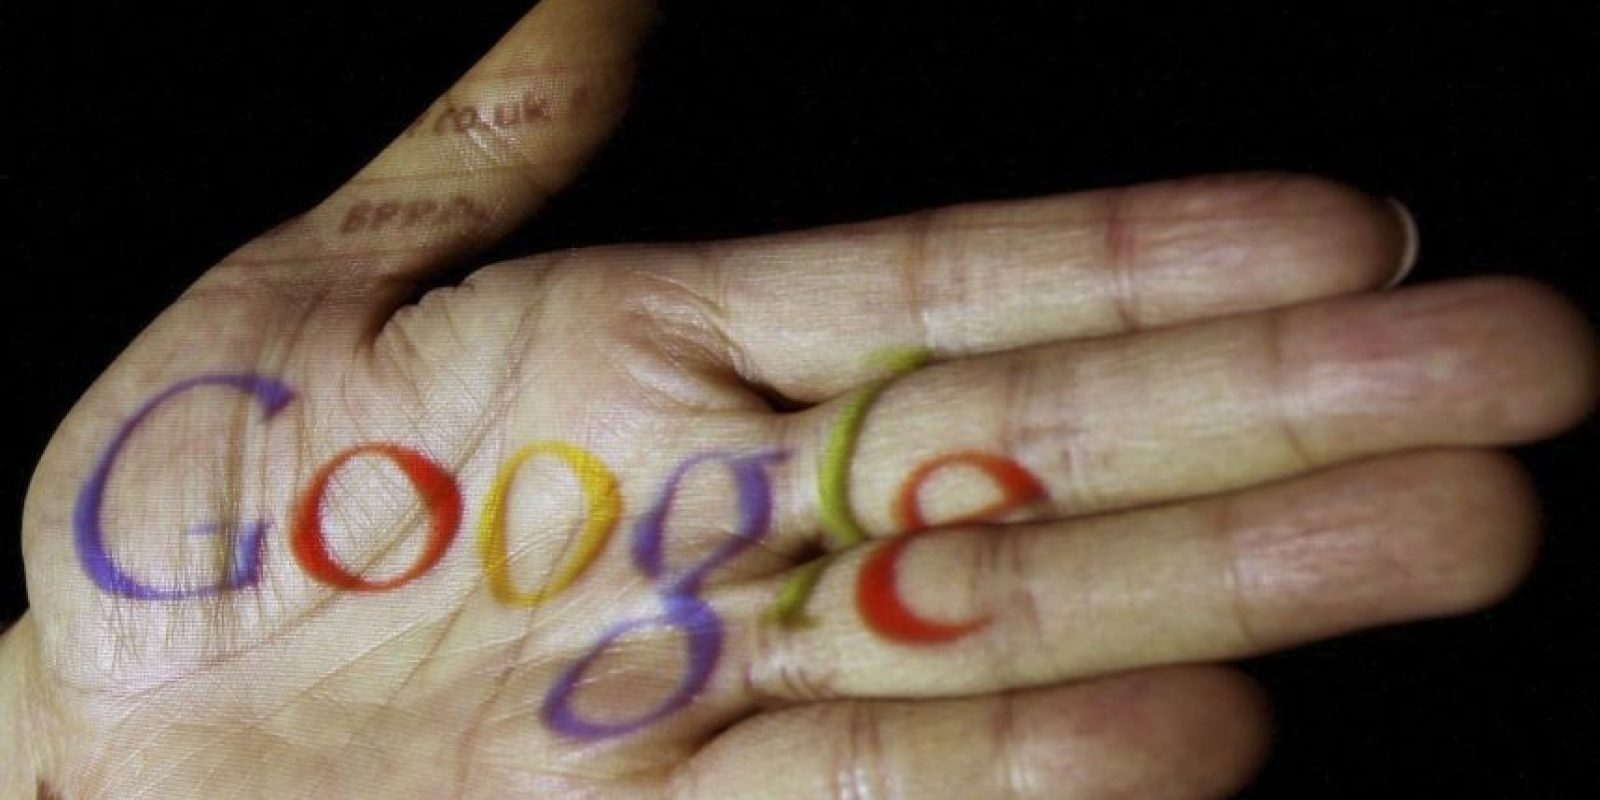 La división filantrópica de la compañía, Google.org, fundada en 2004, está enfocada a la investigación sobre el medioambiente y la salud Foto:Getty Images